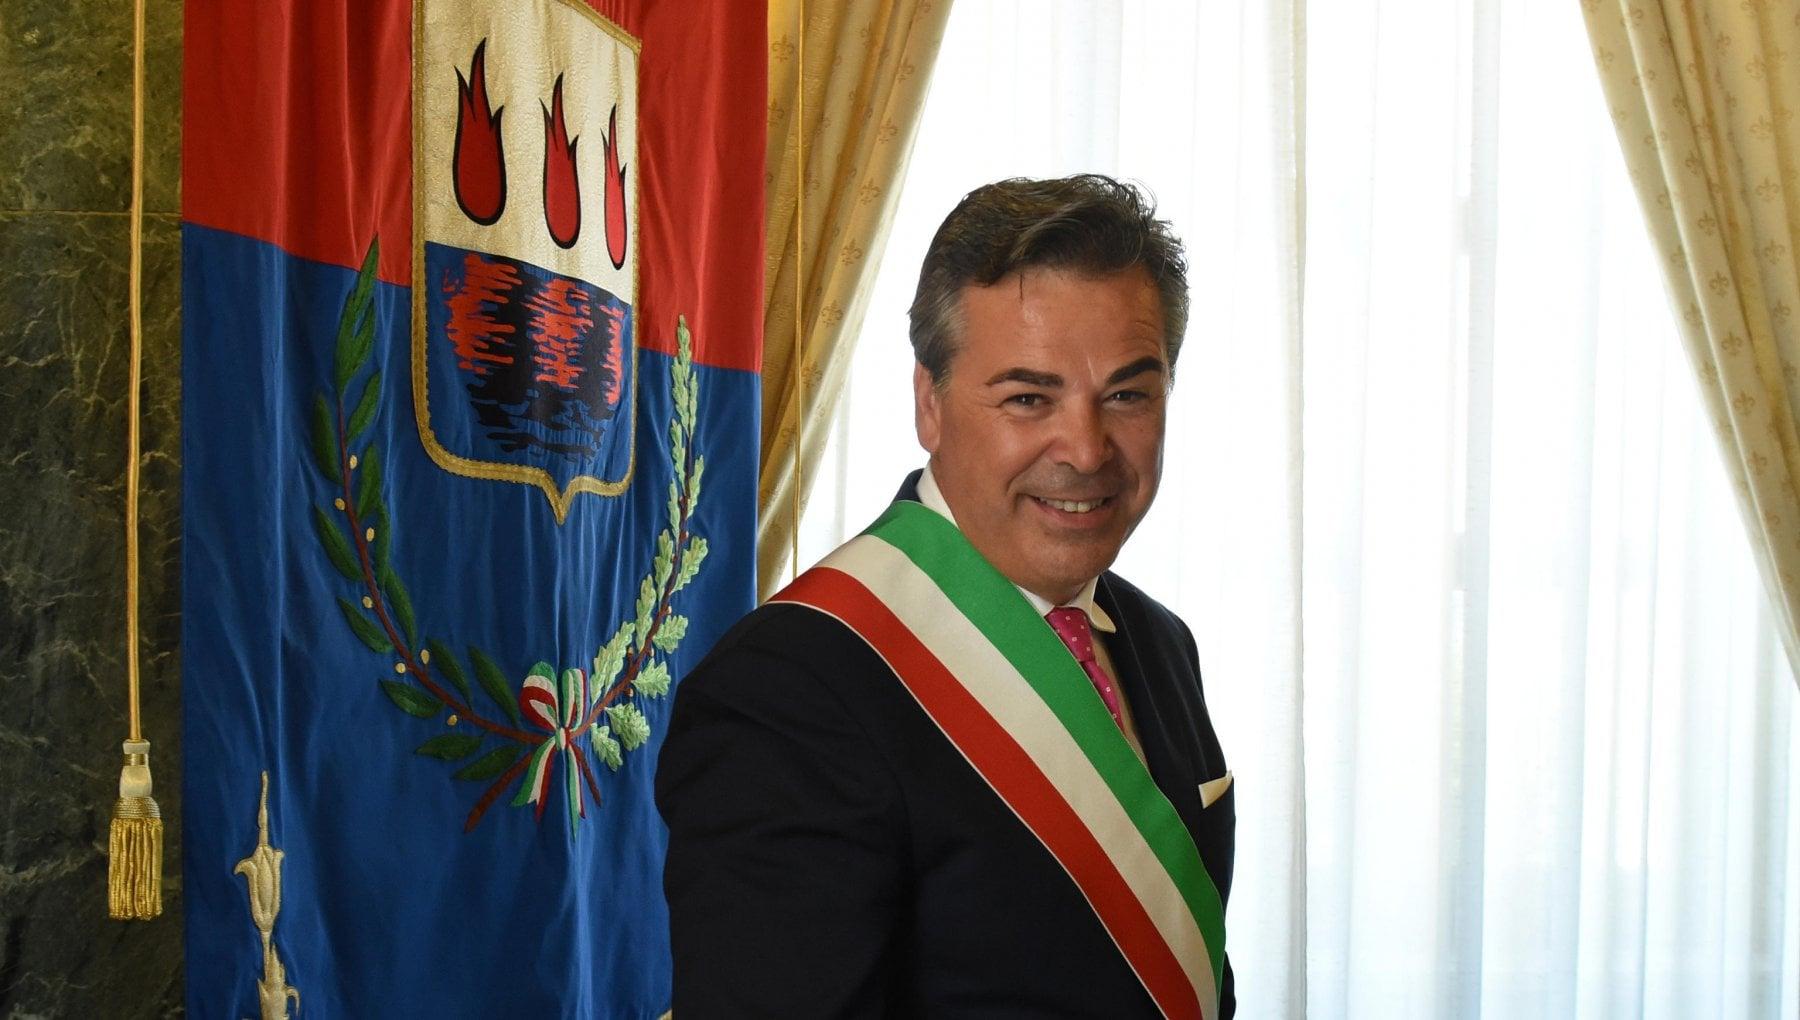 204205640 44b8c8e8 1739 4ac3 9e91 45e0a73f18bc - L'amicizia con Salvini e l'eredità di voti del suocero: chi è Franco Landella, il sindaco arrestato a Foggia